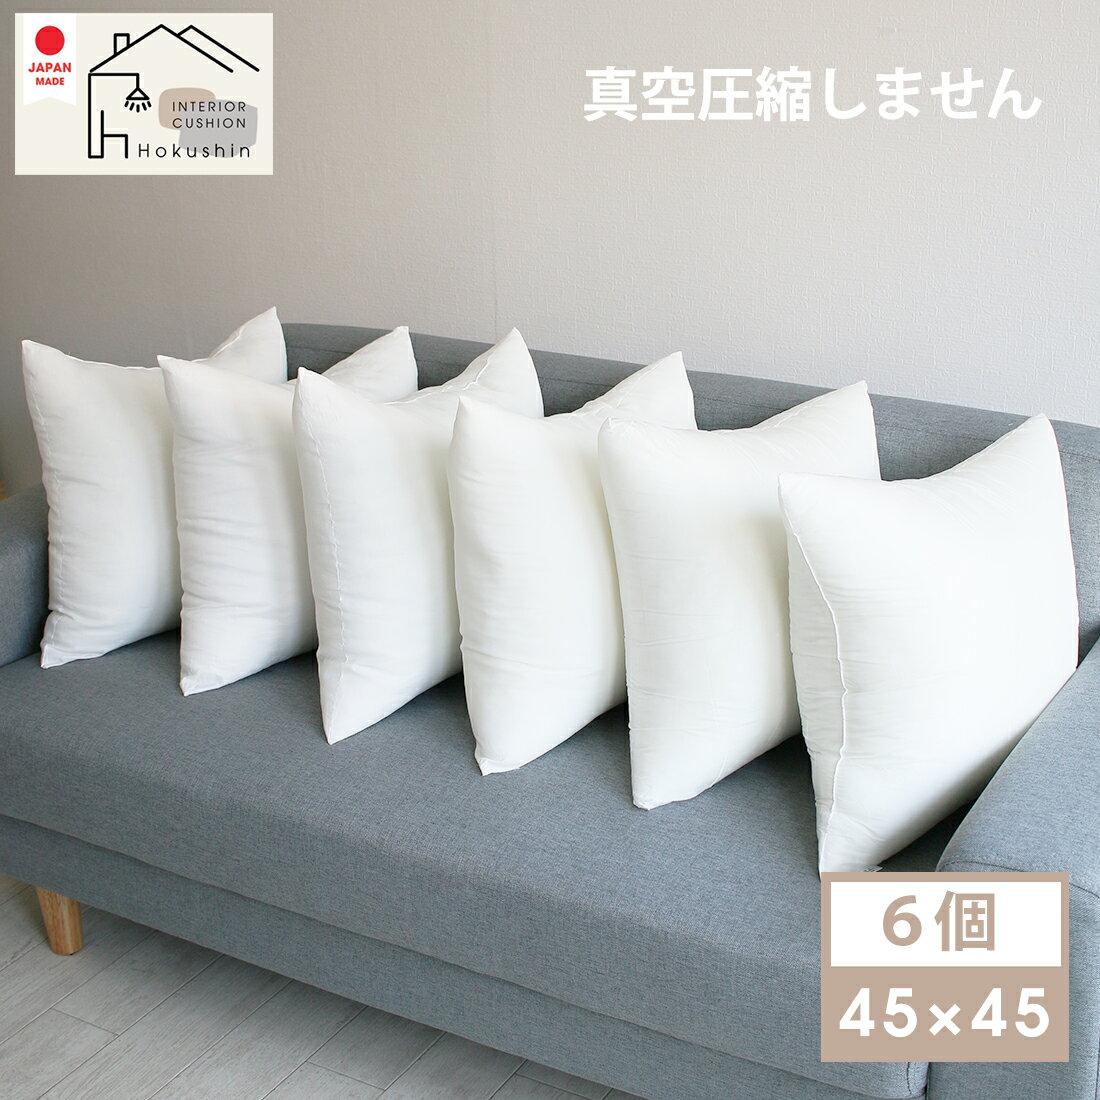 ヌードクッション 肉厚 45×45 6個セット 東レFTシリコン綿使用 送料無料 低価格・高品質 ふっかふかのままお届け クッション 中身 セアテ 背当て 日本製 佐川